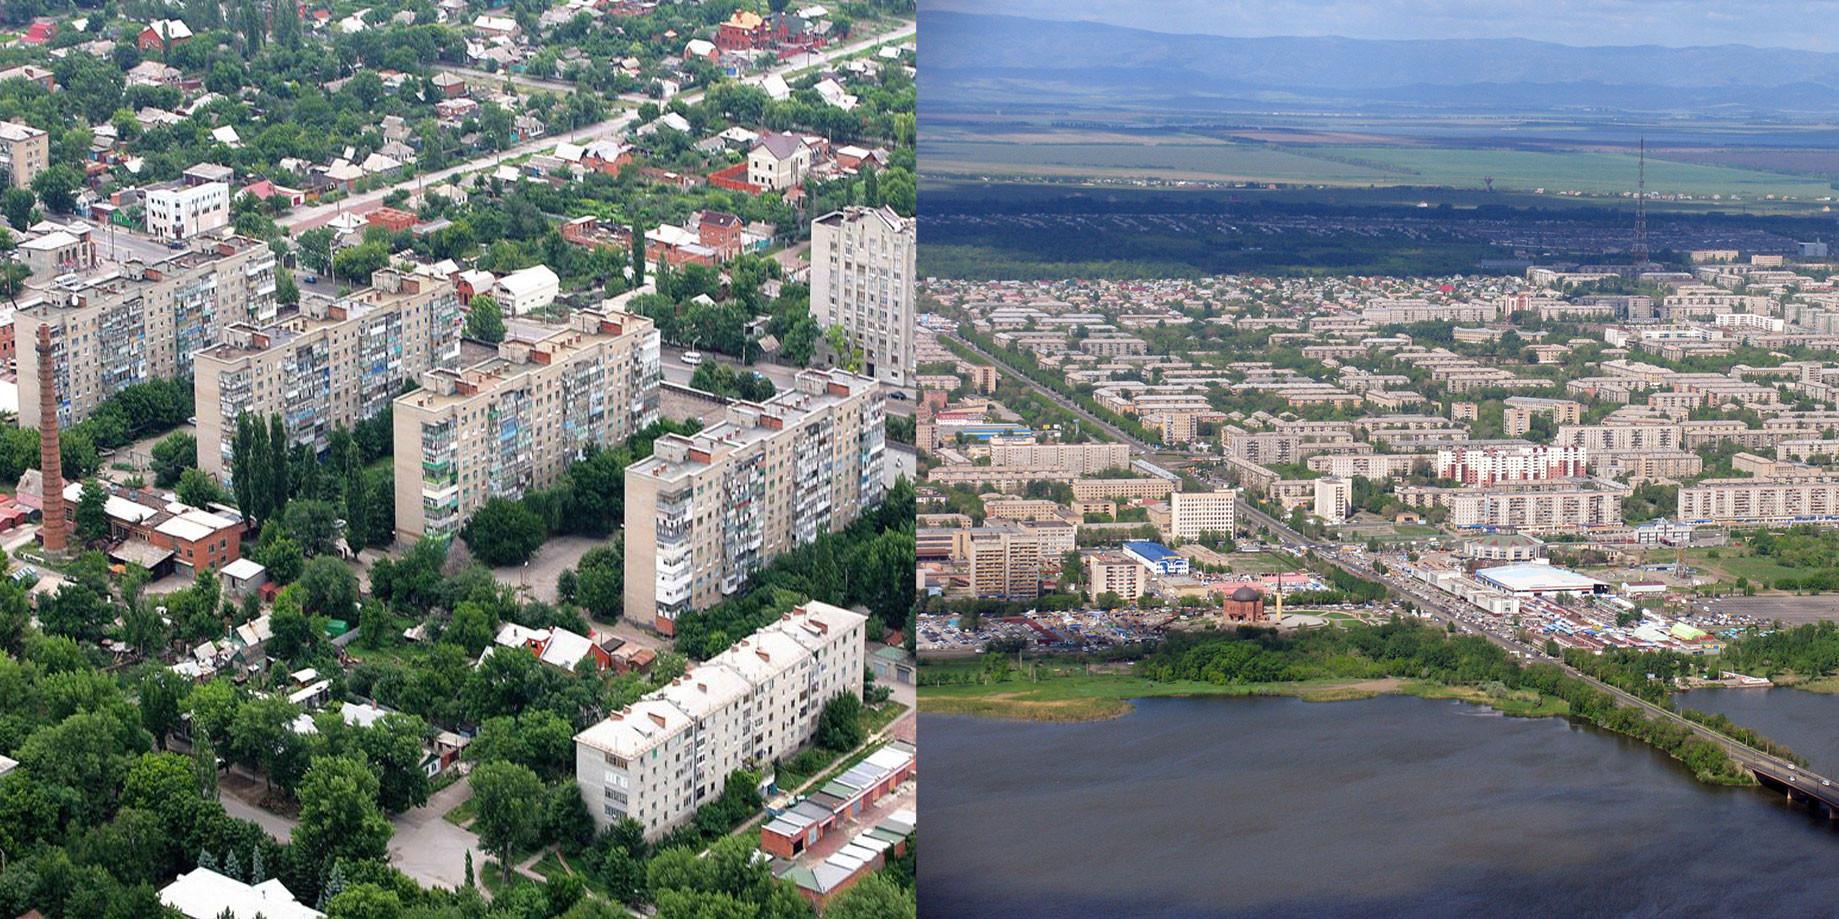 Шахты: общий вид города и Магнитогорск: общий вид города. Фото: © Википедия